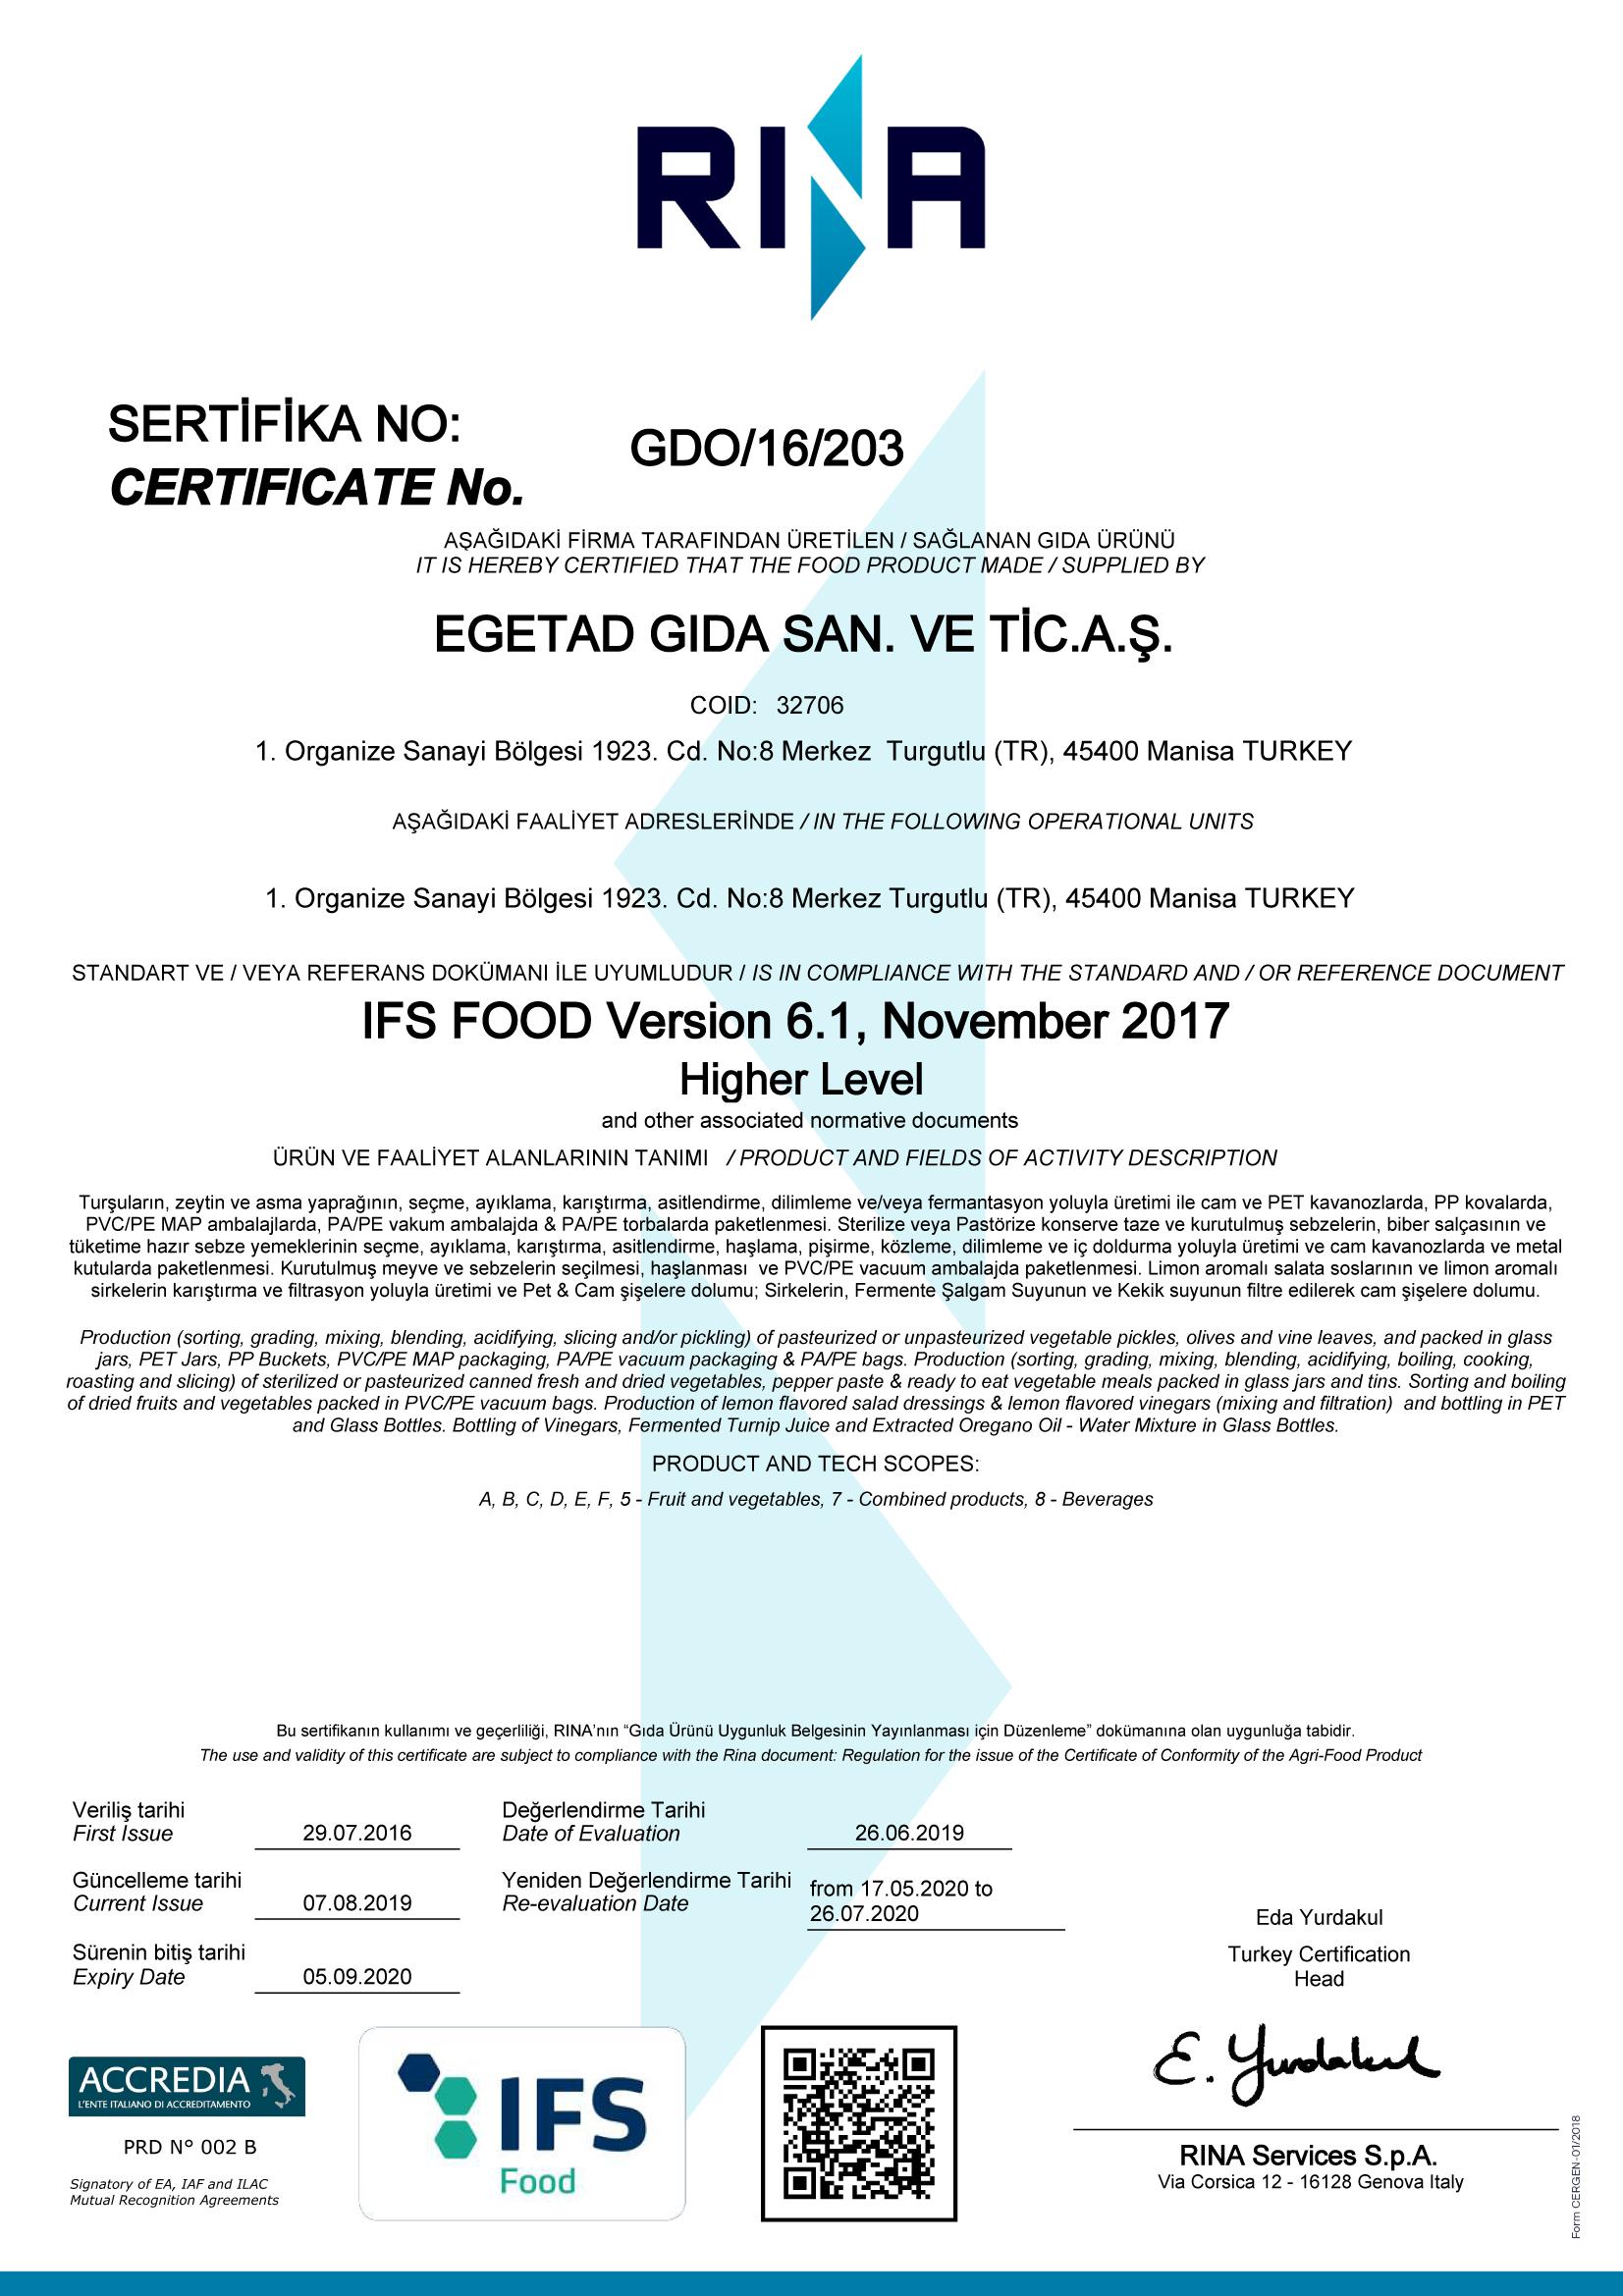 CERTIFICAT-RIA- GDO/16/203 EGETAD GIDA SAN. VE TICARET A.S.